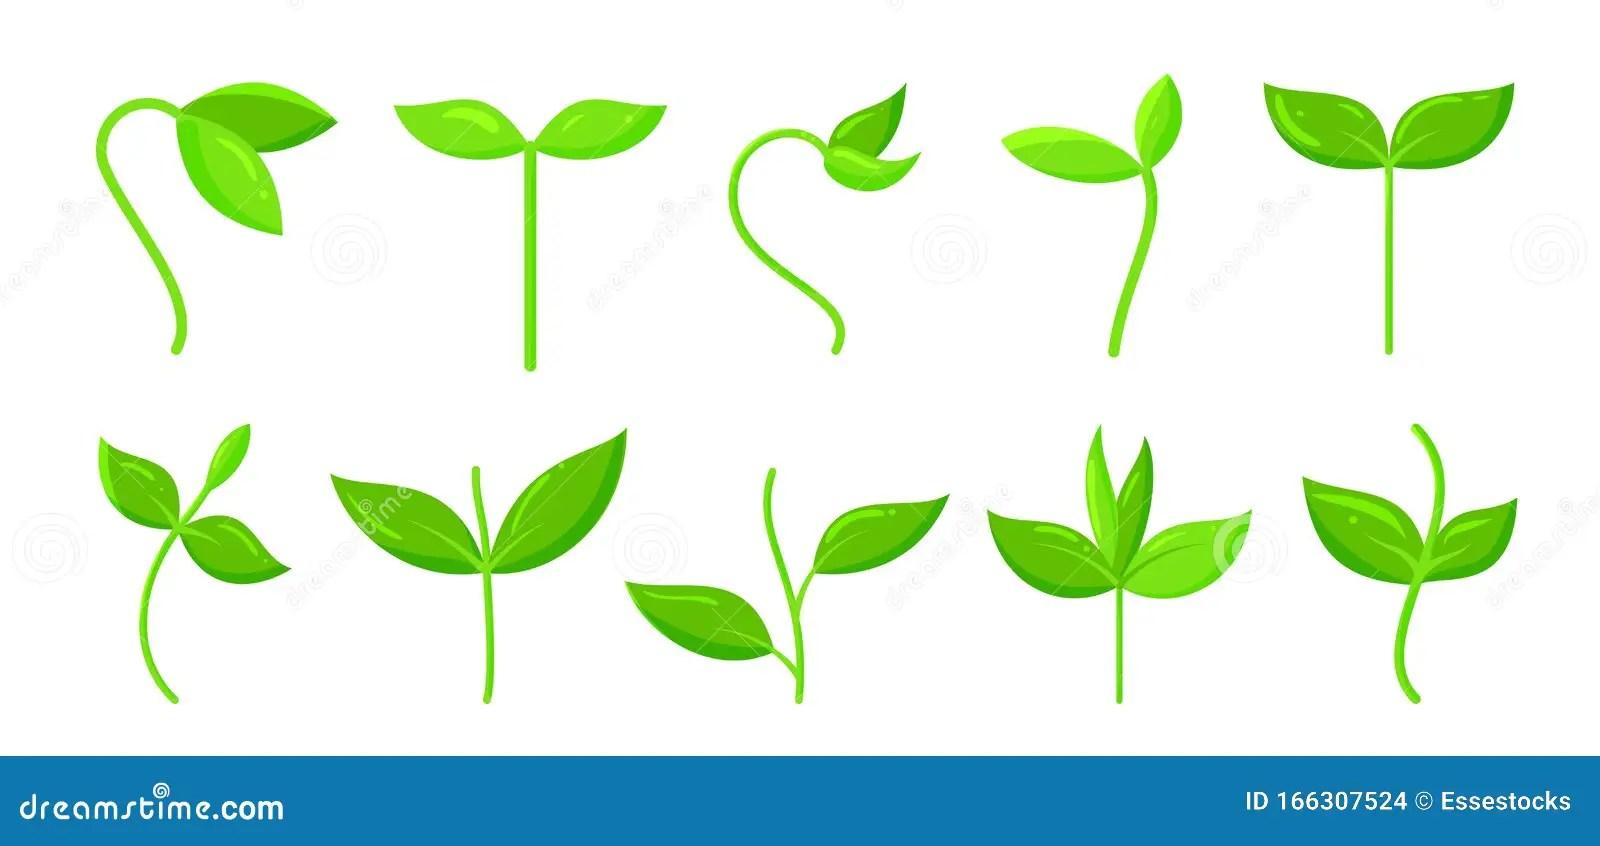 parodie d usine pousse d herbe verte